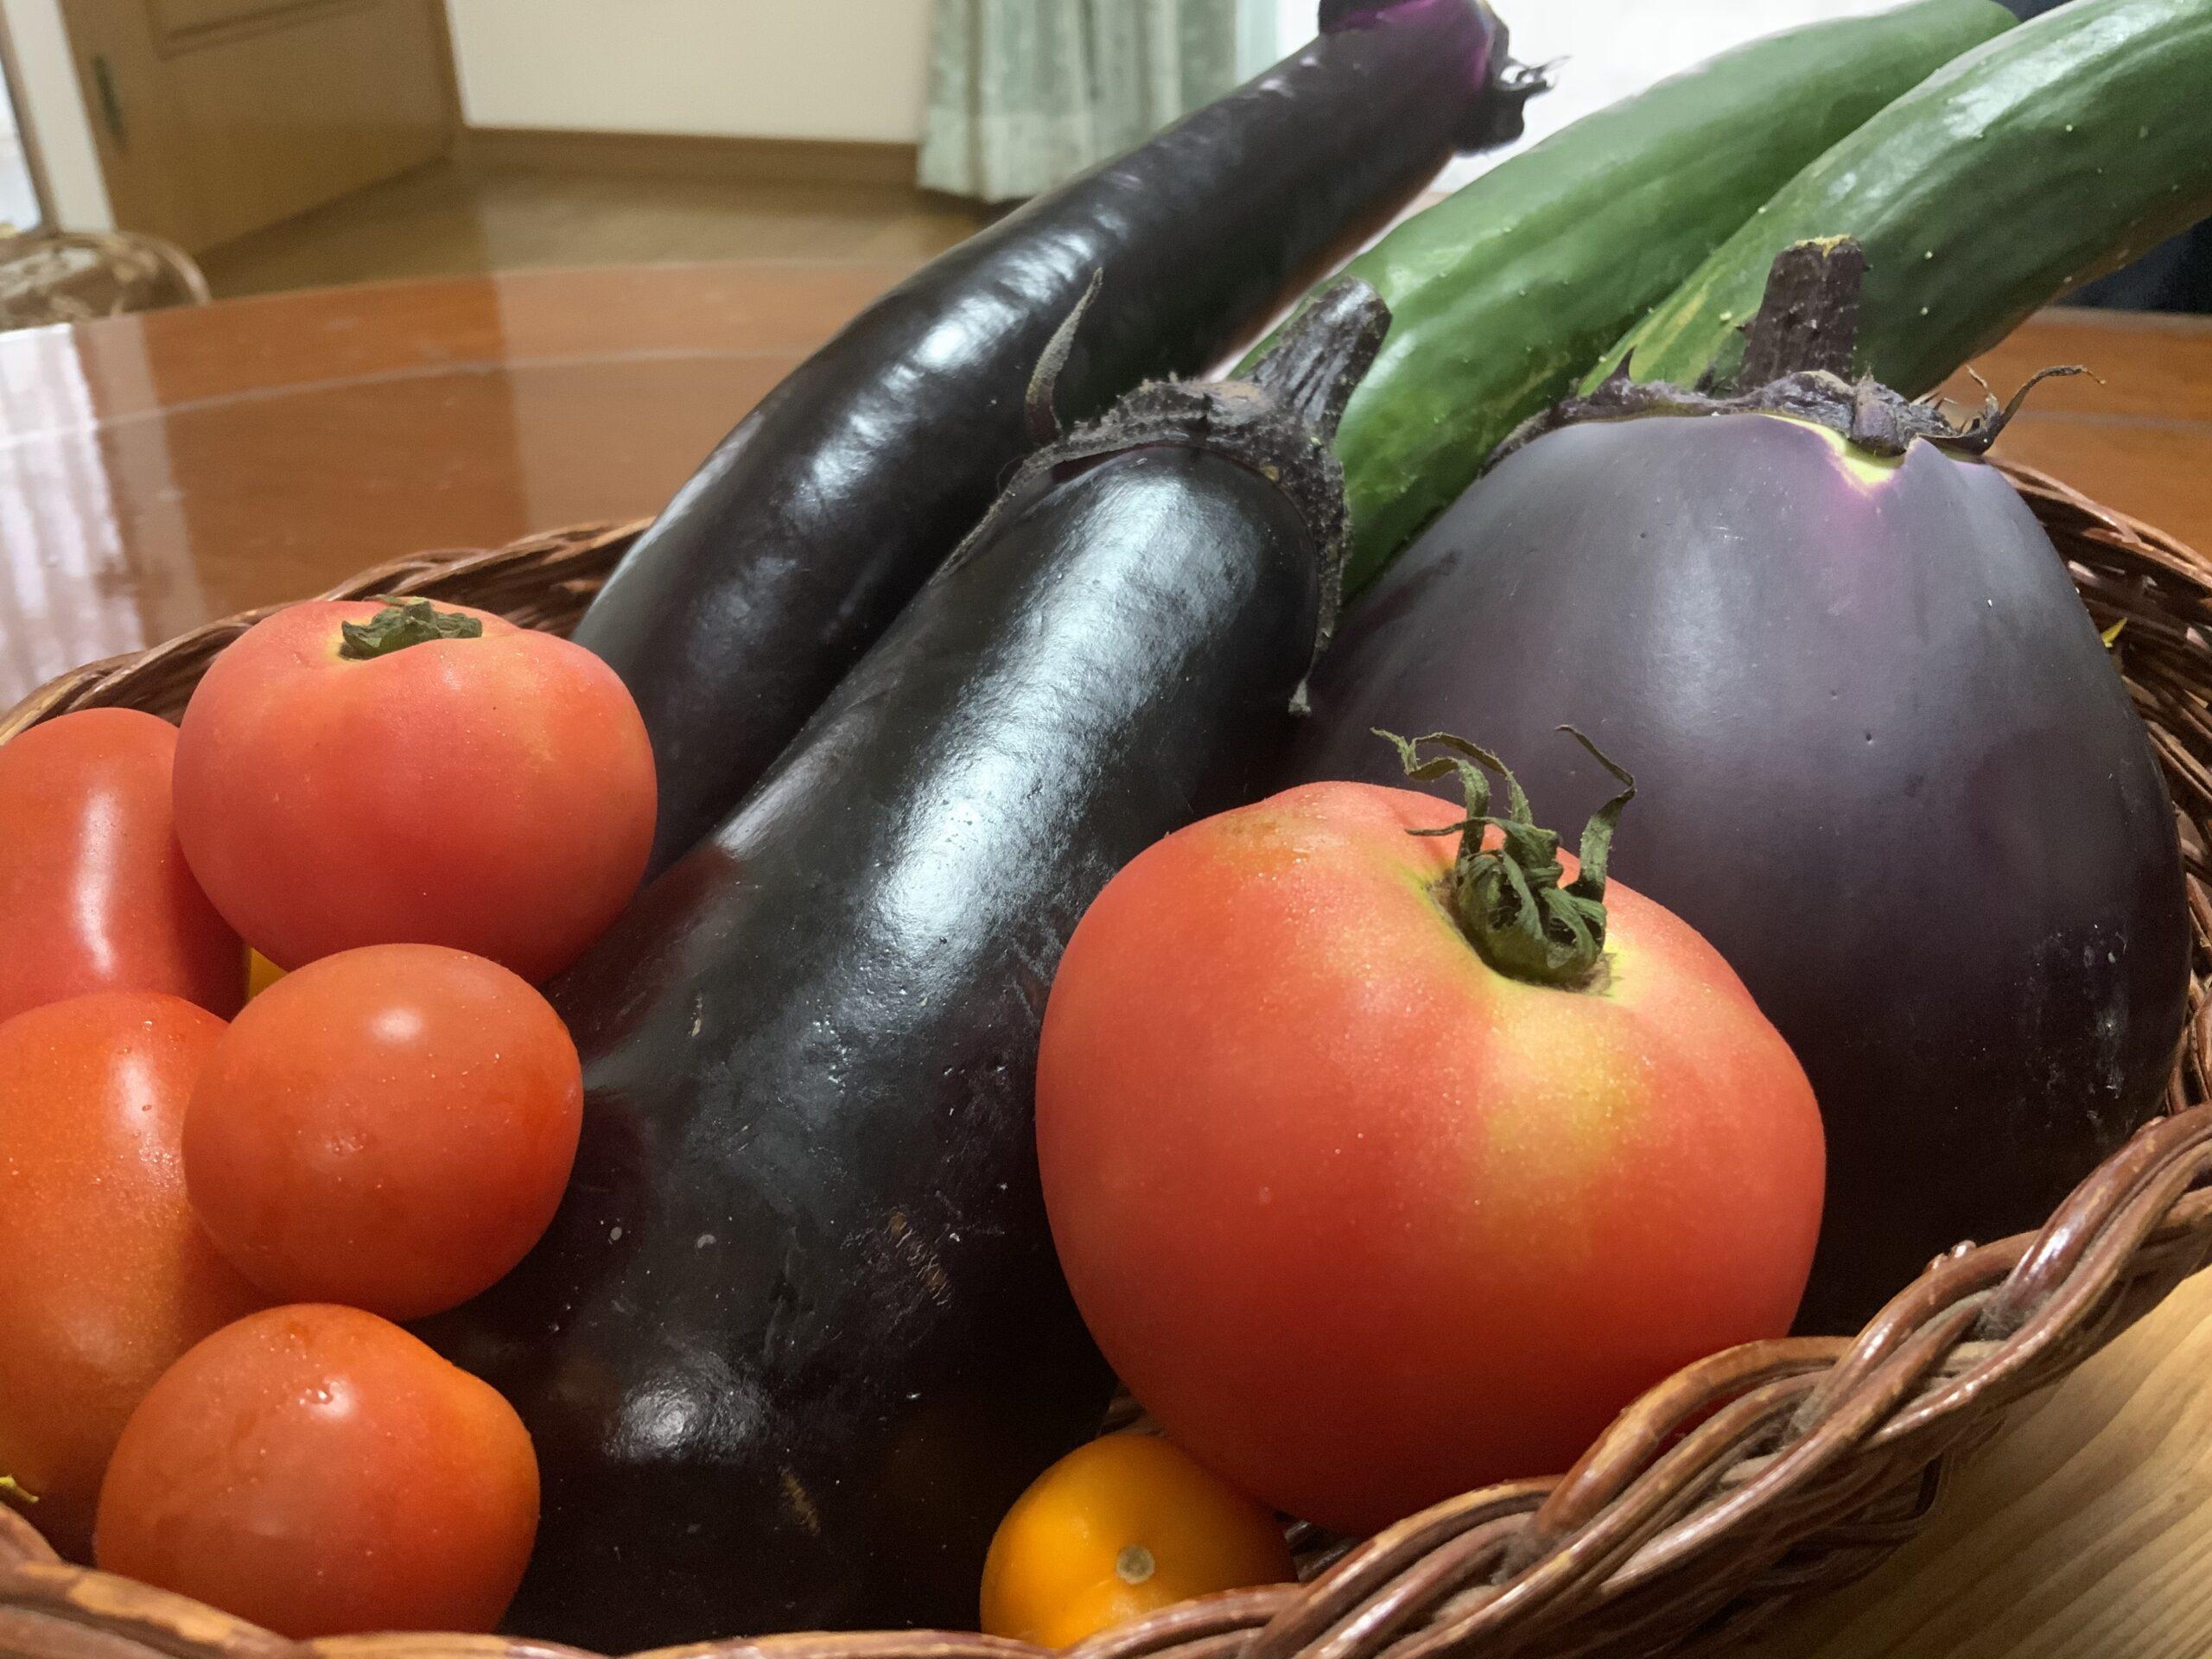 夏野菜頂きました   クリスタルビューティー 広島 天然100%ヘナ 美と健康のエステ